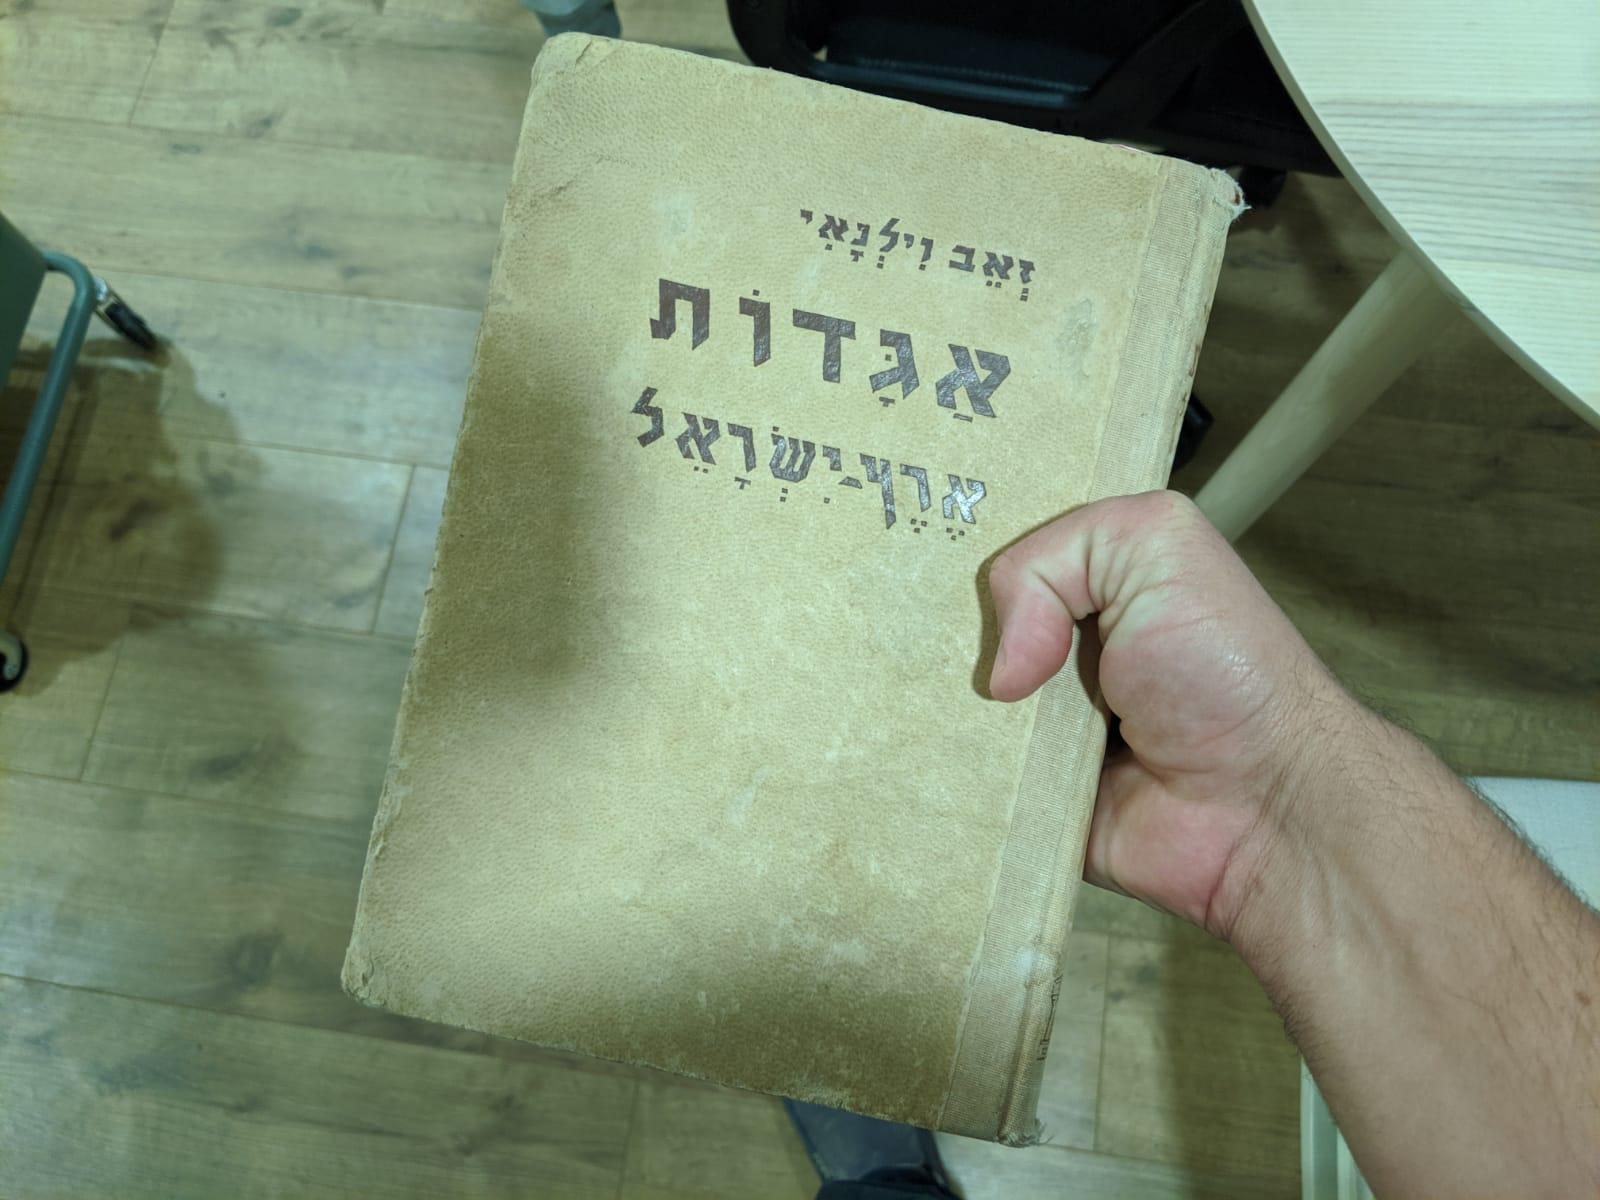 אגדות ארץ ישראל וילנאי